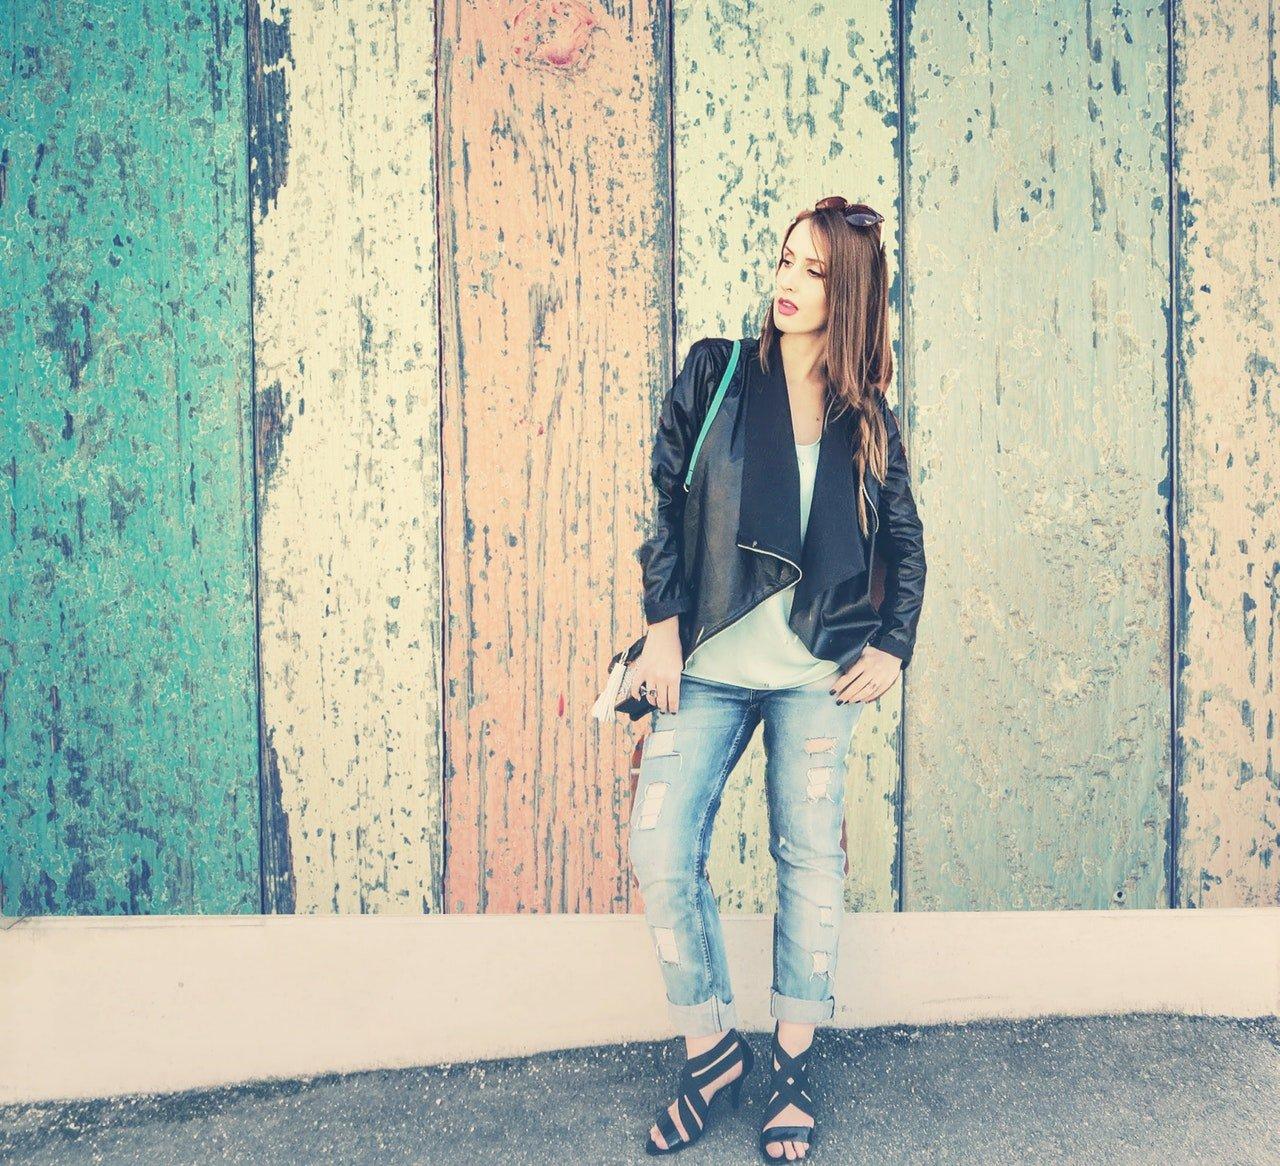 Come abbinare i jeans chiari in inverno